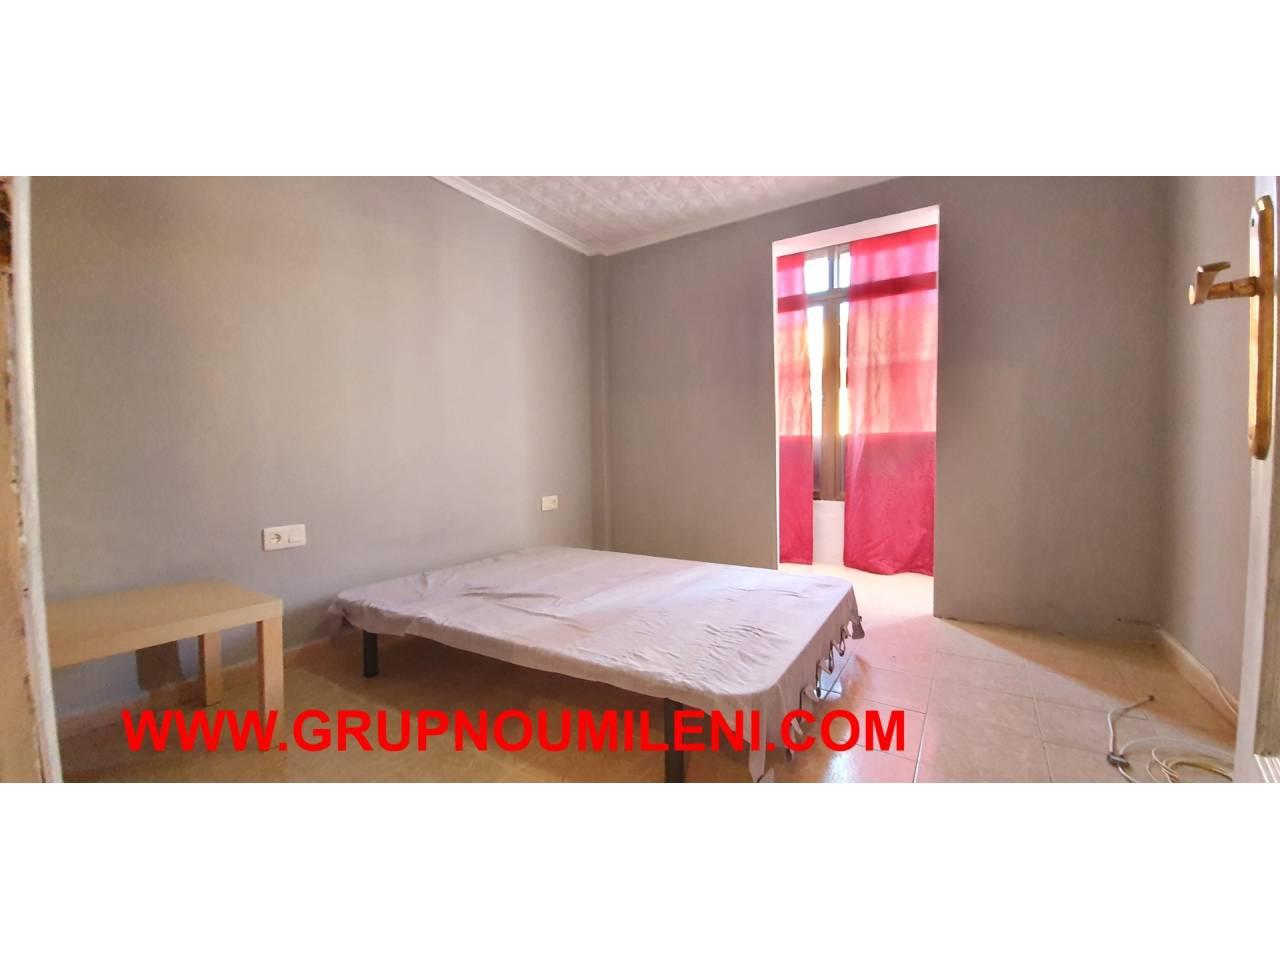 Location Appartement  4º  sin ascensor. Altura piso 4º, piso superficie total 70 m², superficie útil 70